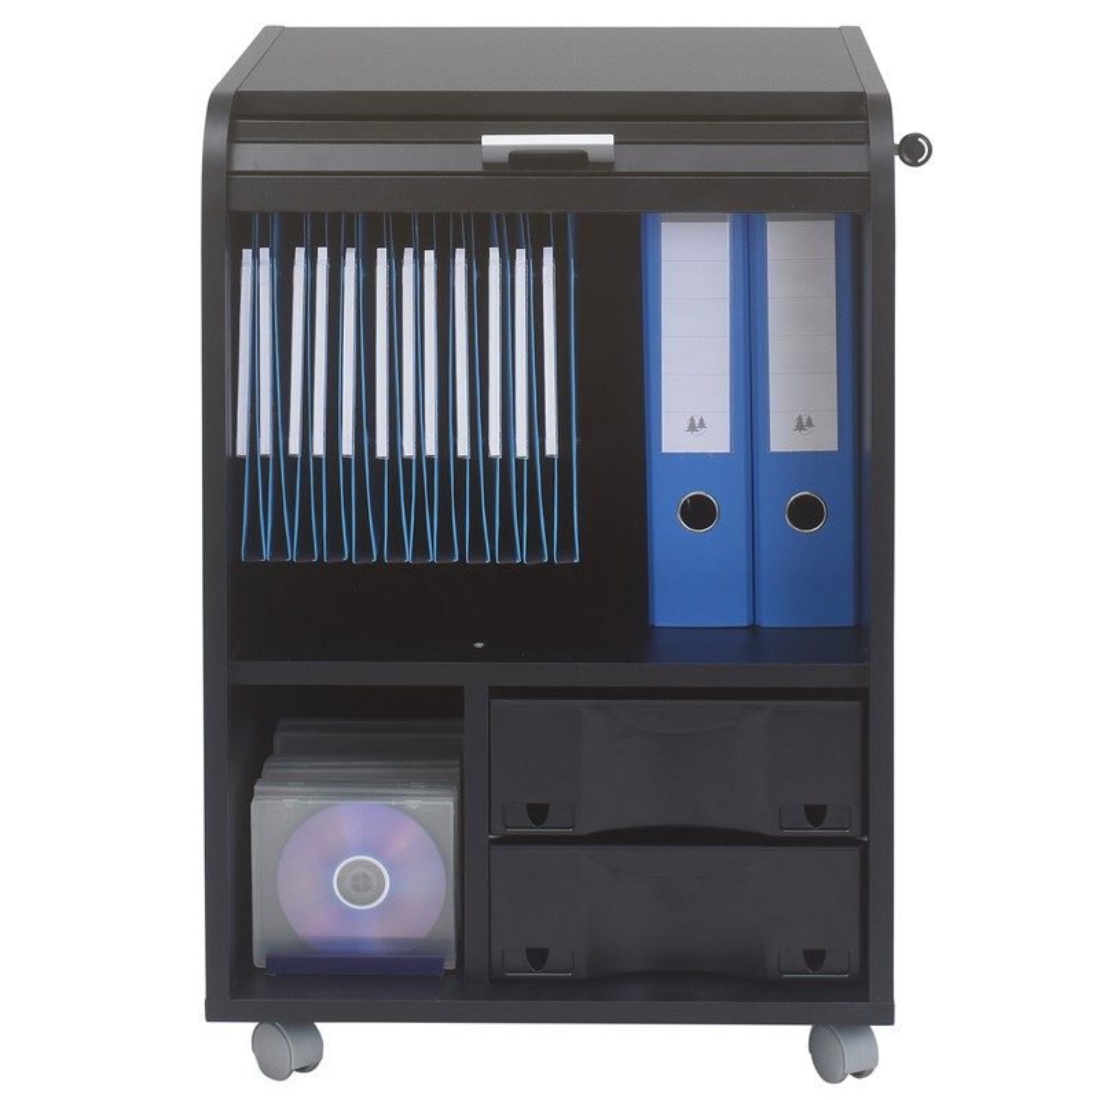 caisson noir roulettes rideau n 7 taille s carou univers du bureau. Black Bedroom Furniture Sets. Home Design Ideas